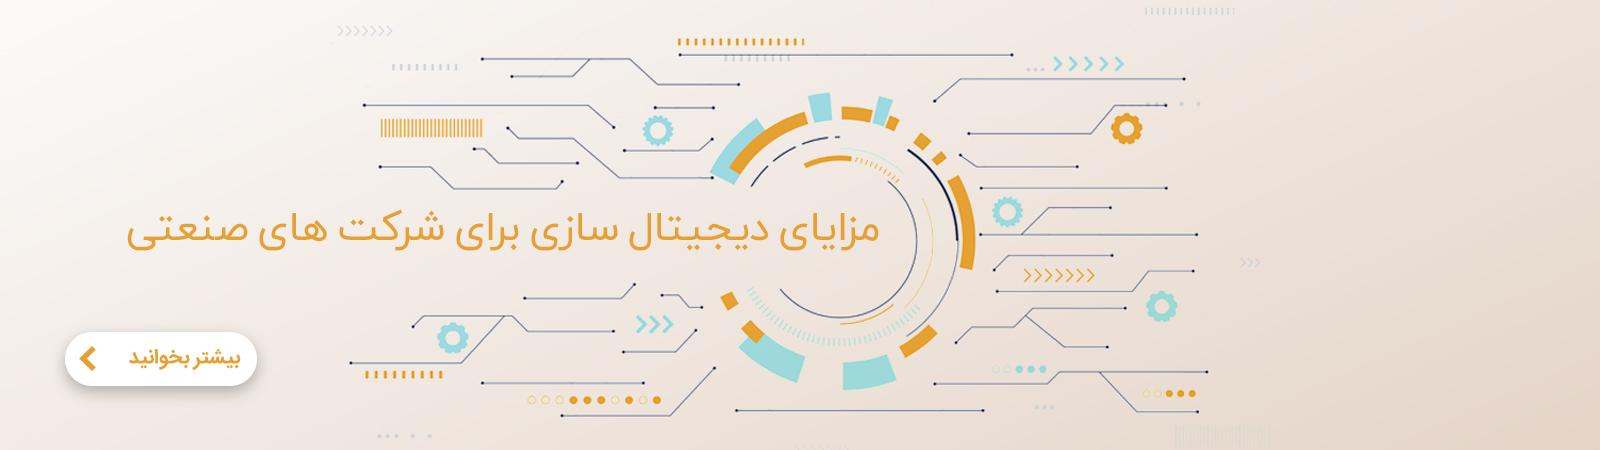 مزایای دیجیتال سازی برای شرکت های صنعتی